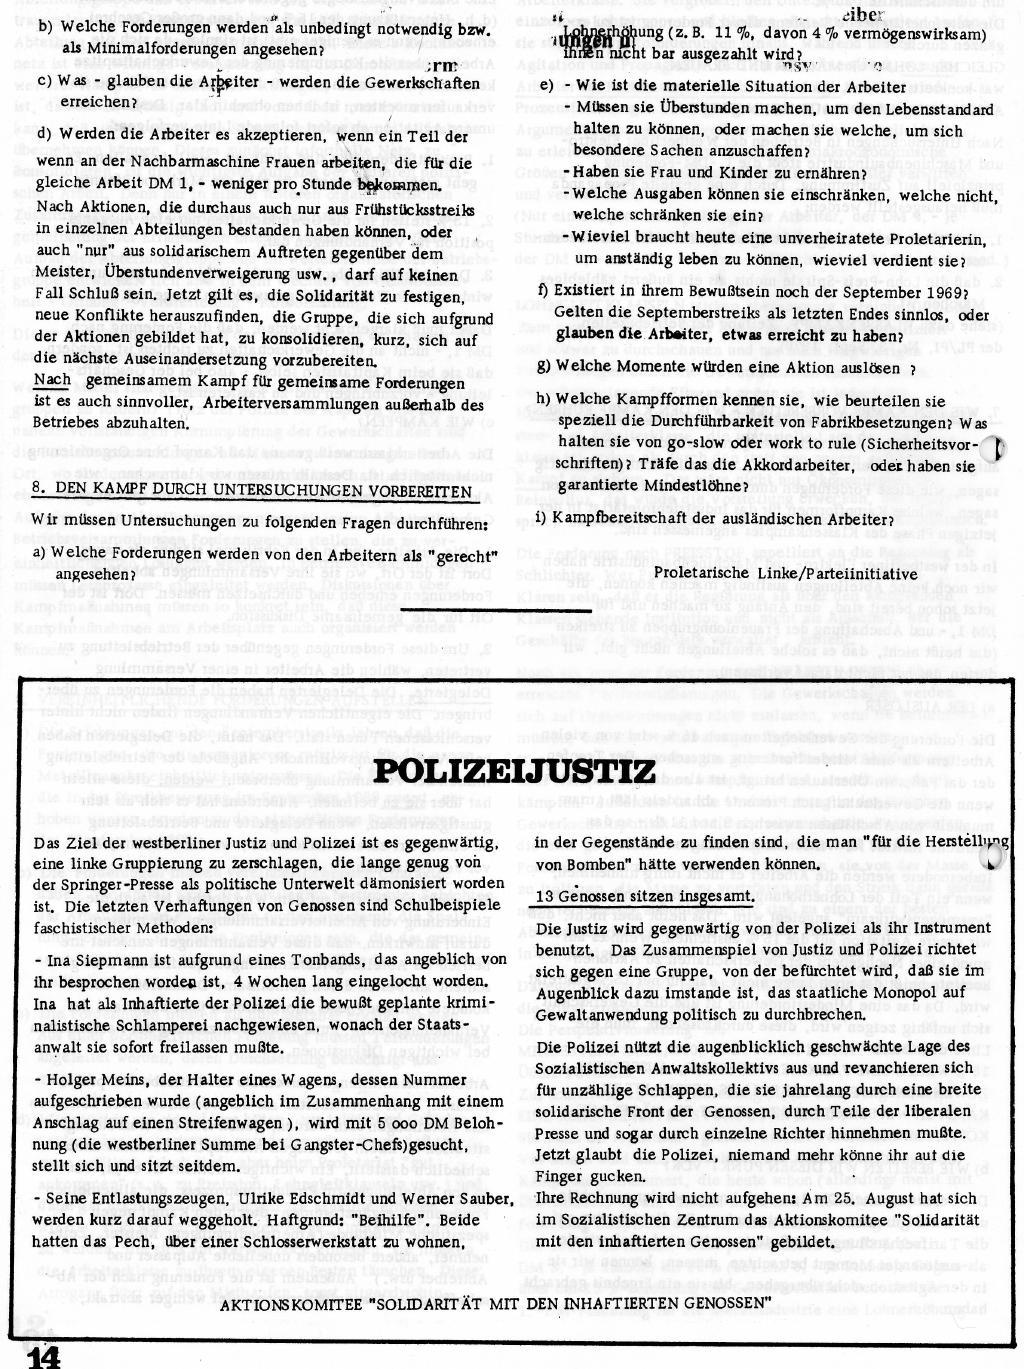 RPK_1970_079_14